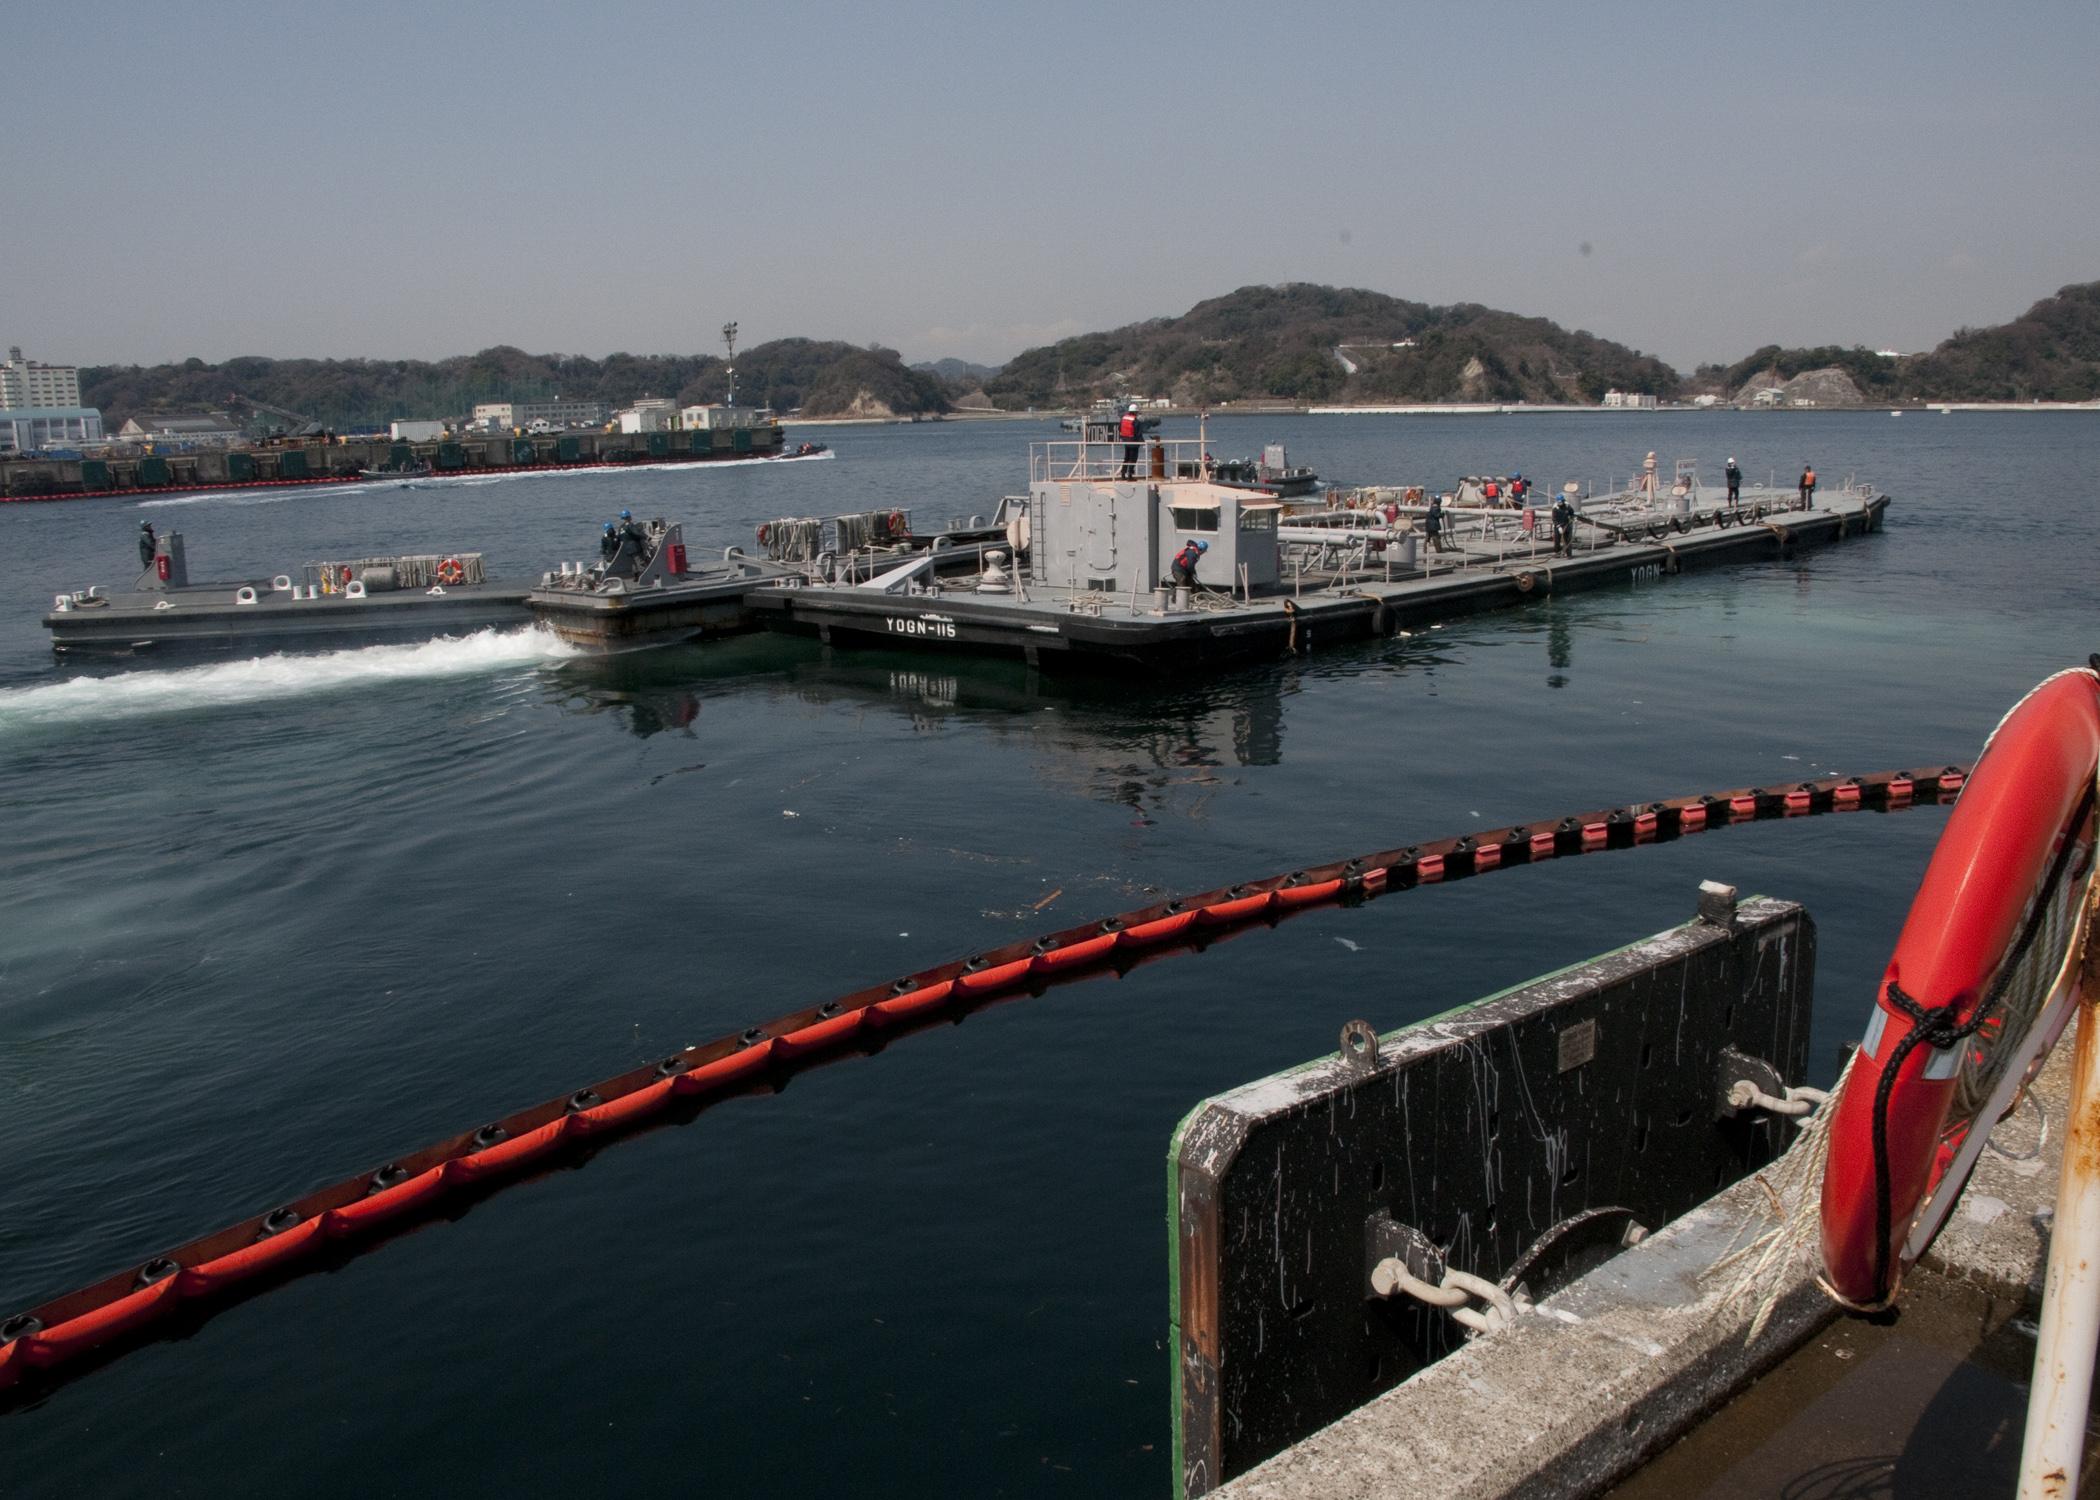 FukushimaWaterBarge2011.jpg